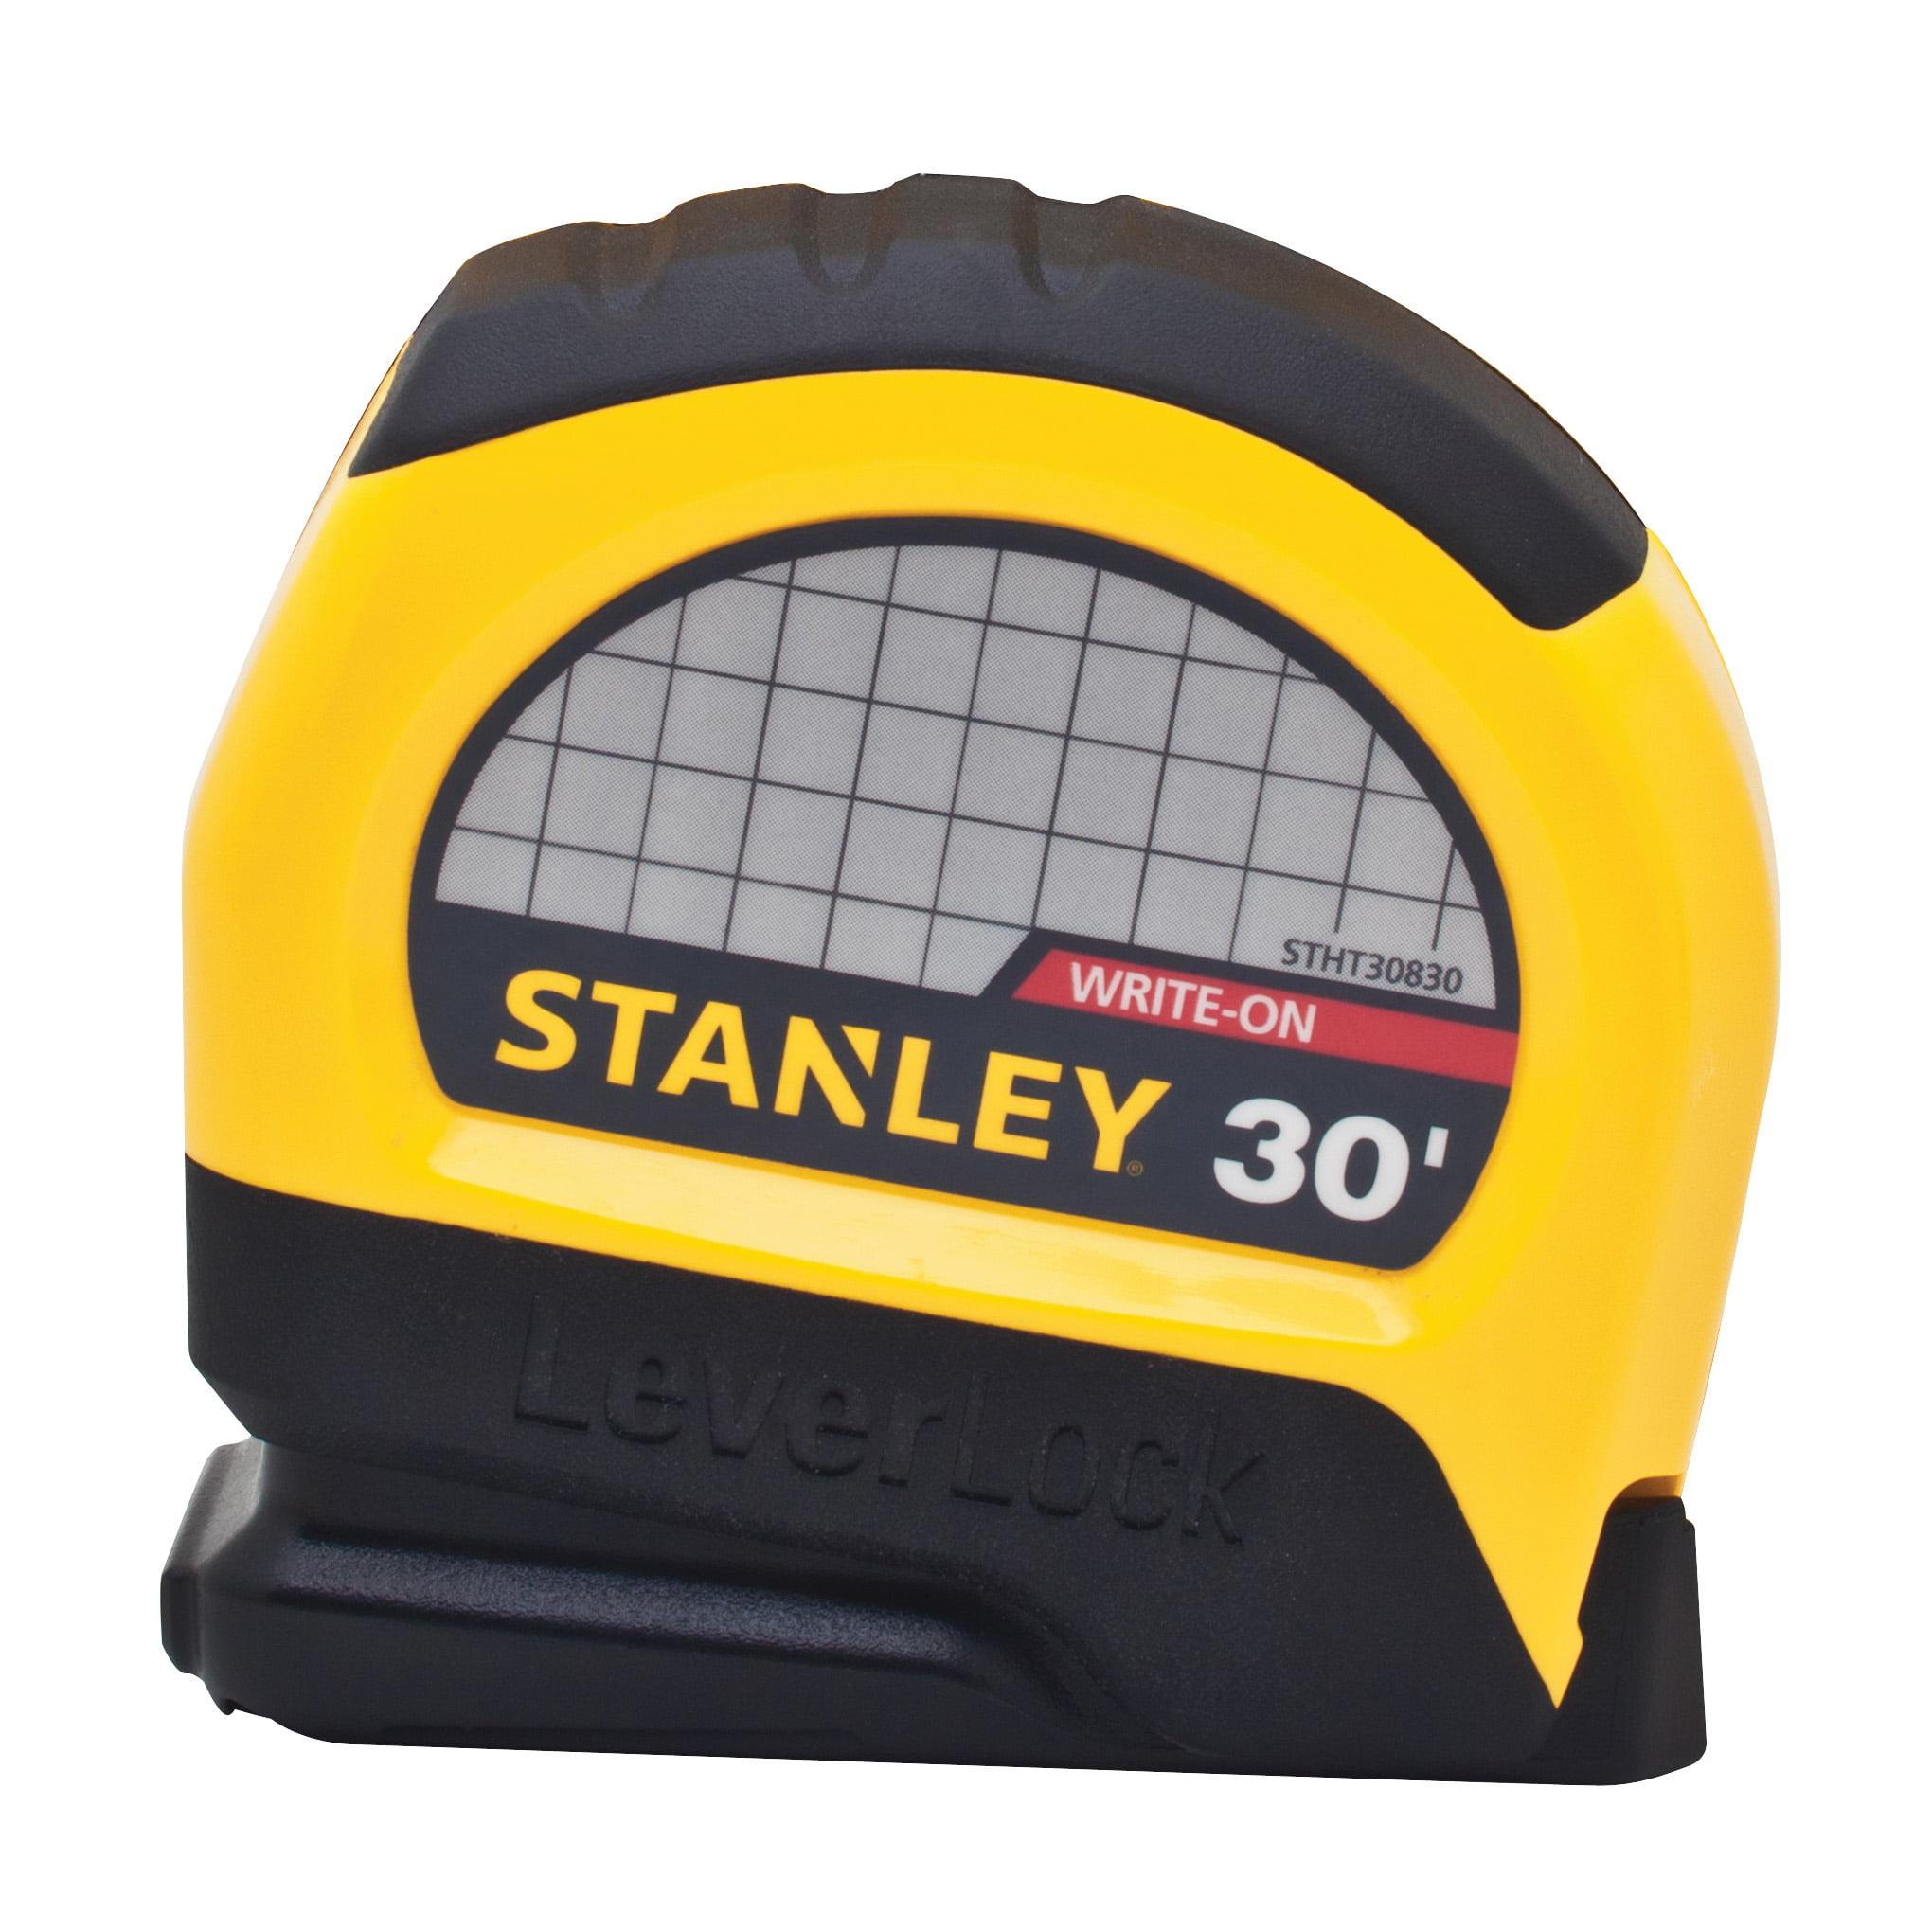 STANLEY STHT30830W 30' Leverlock Tape Measure by Stanley Black & Decker